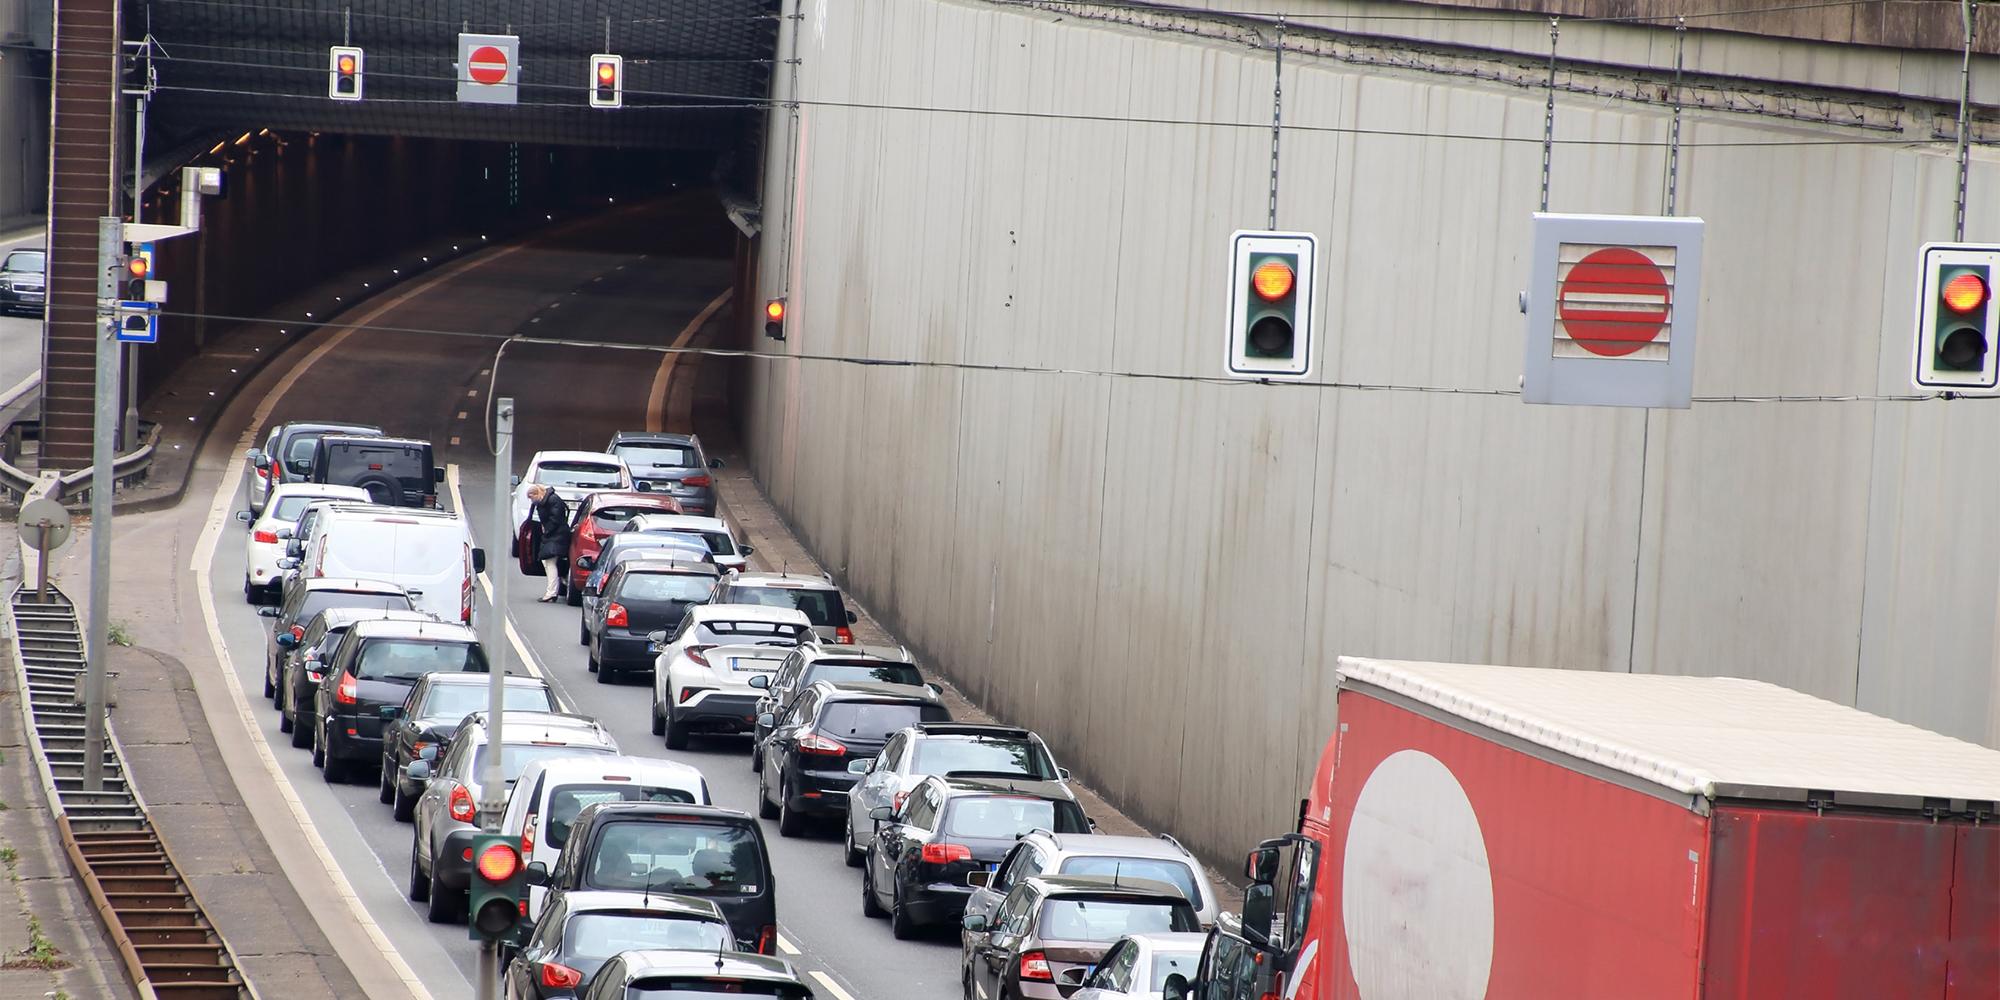 Stau, Panne oder Unfall im Tunnel: Was tun?